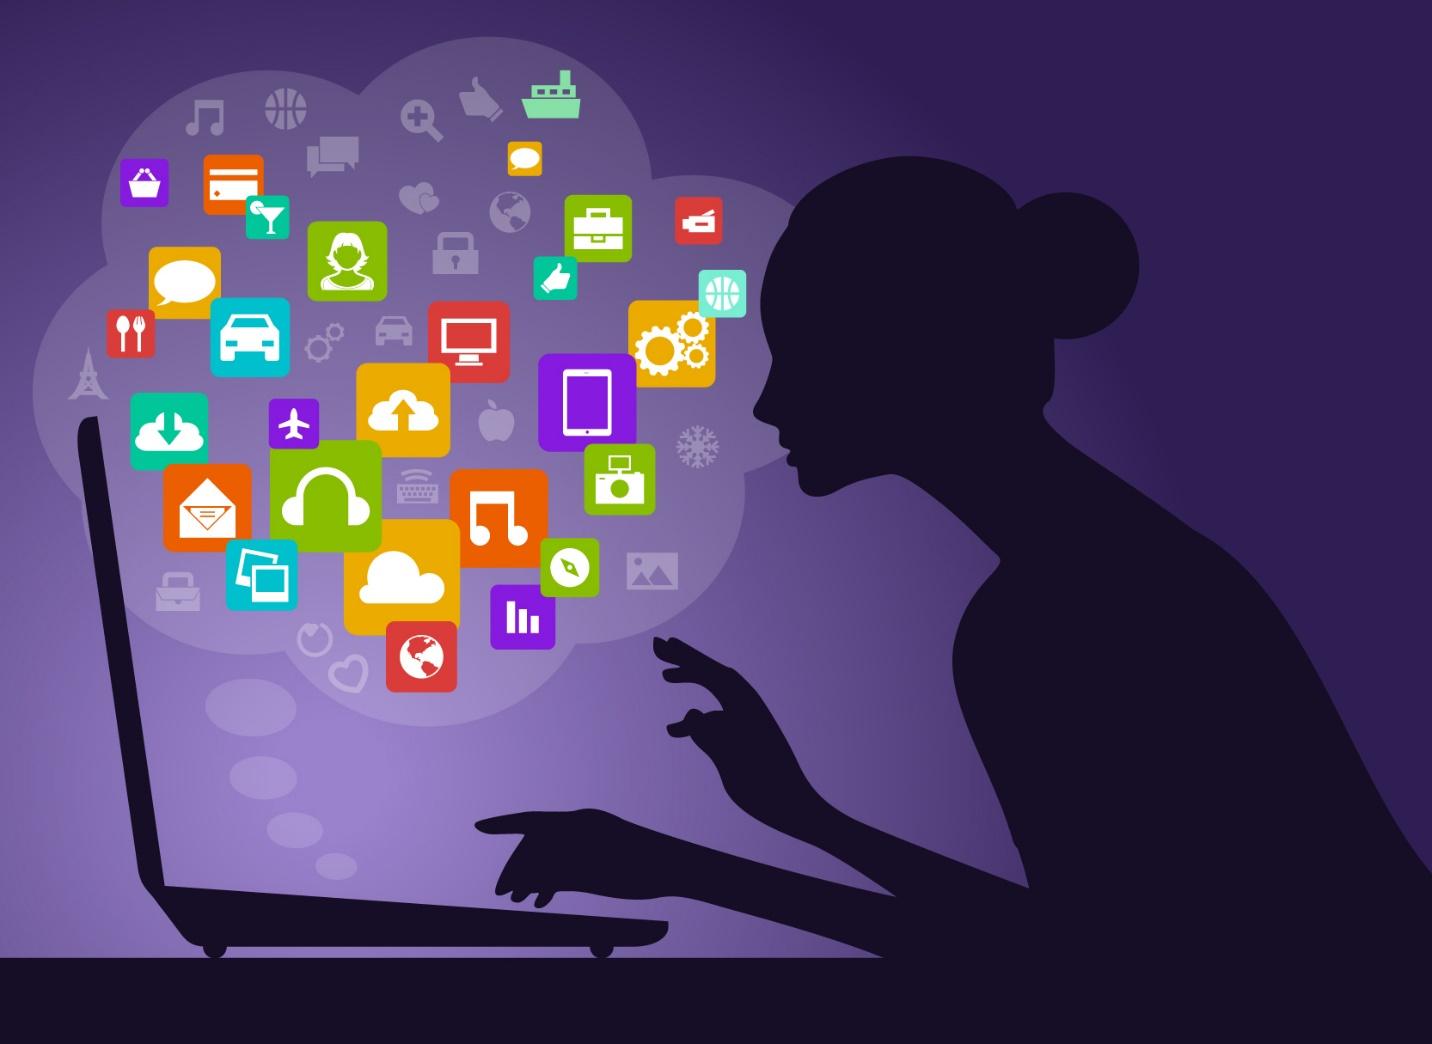 Зачем нужны социальные сети: преимущества и недостатки виртуальных площадок